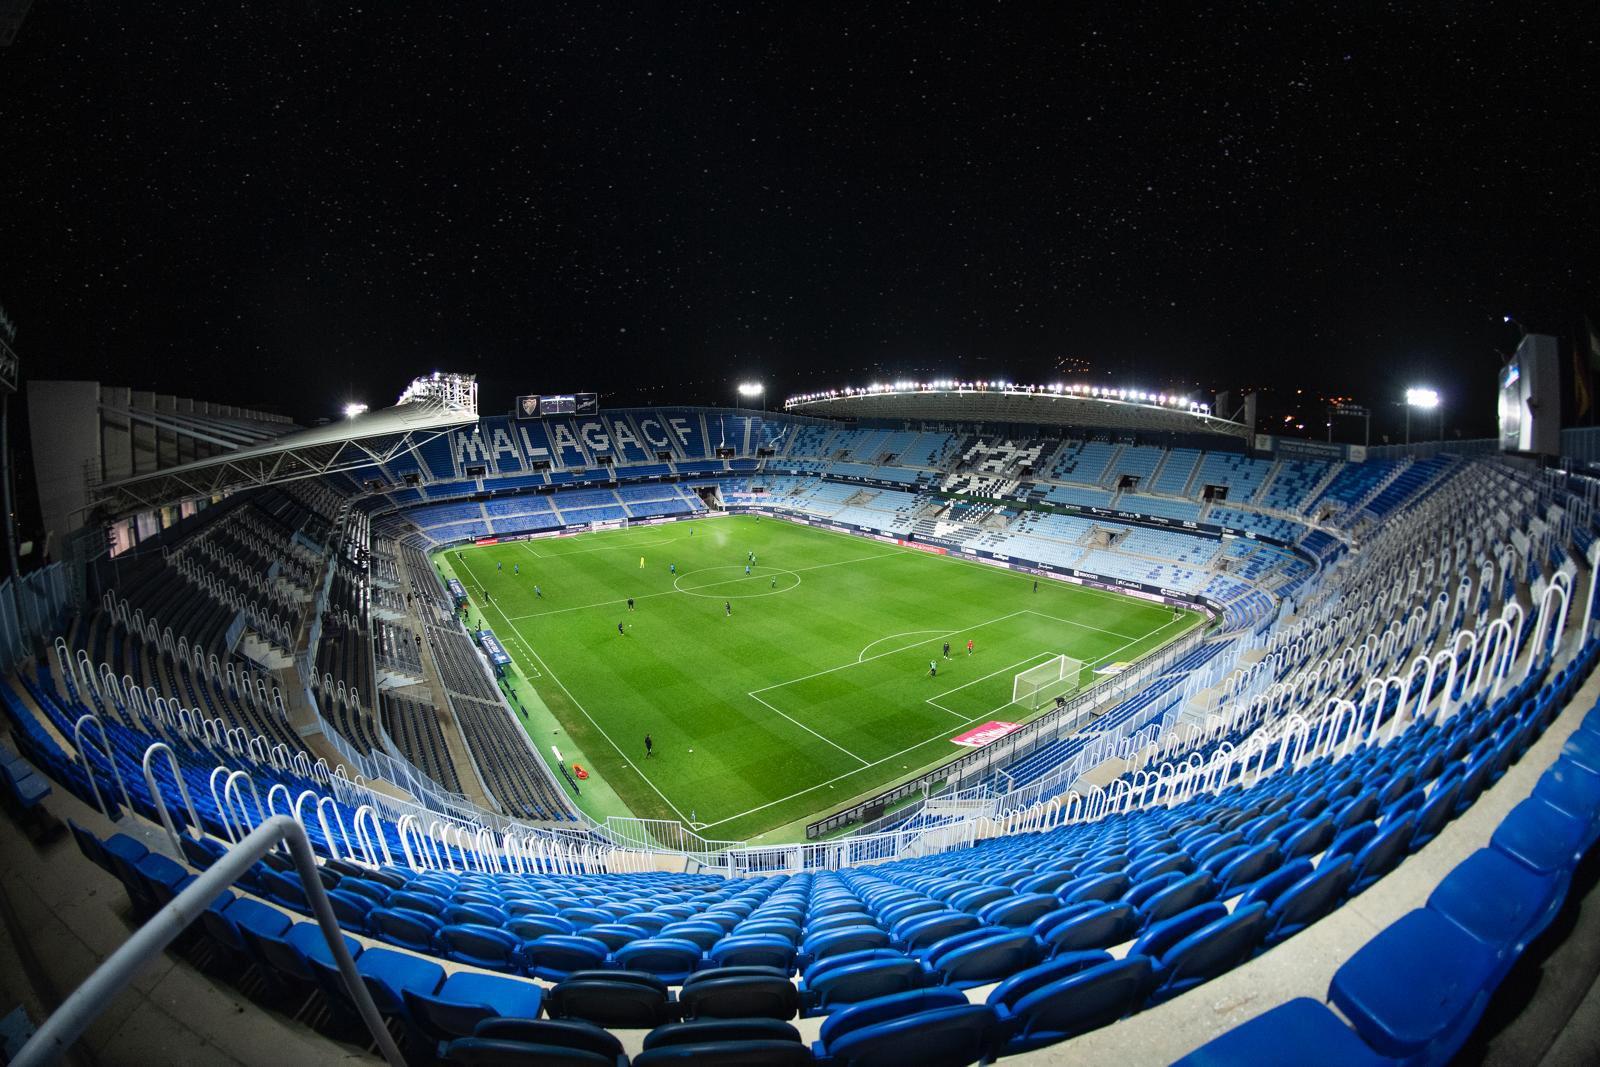 Horarios fijados para los partidos del Málaga contra el Oviedo y el filial de la Real Sociedad